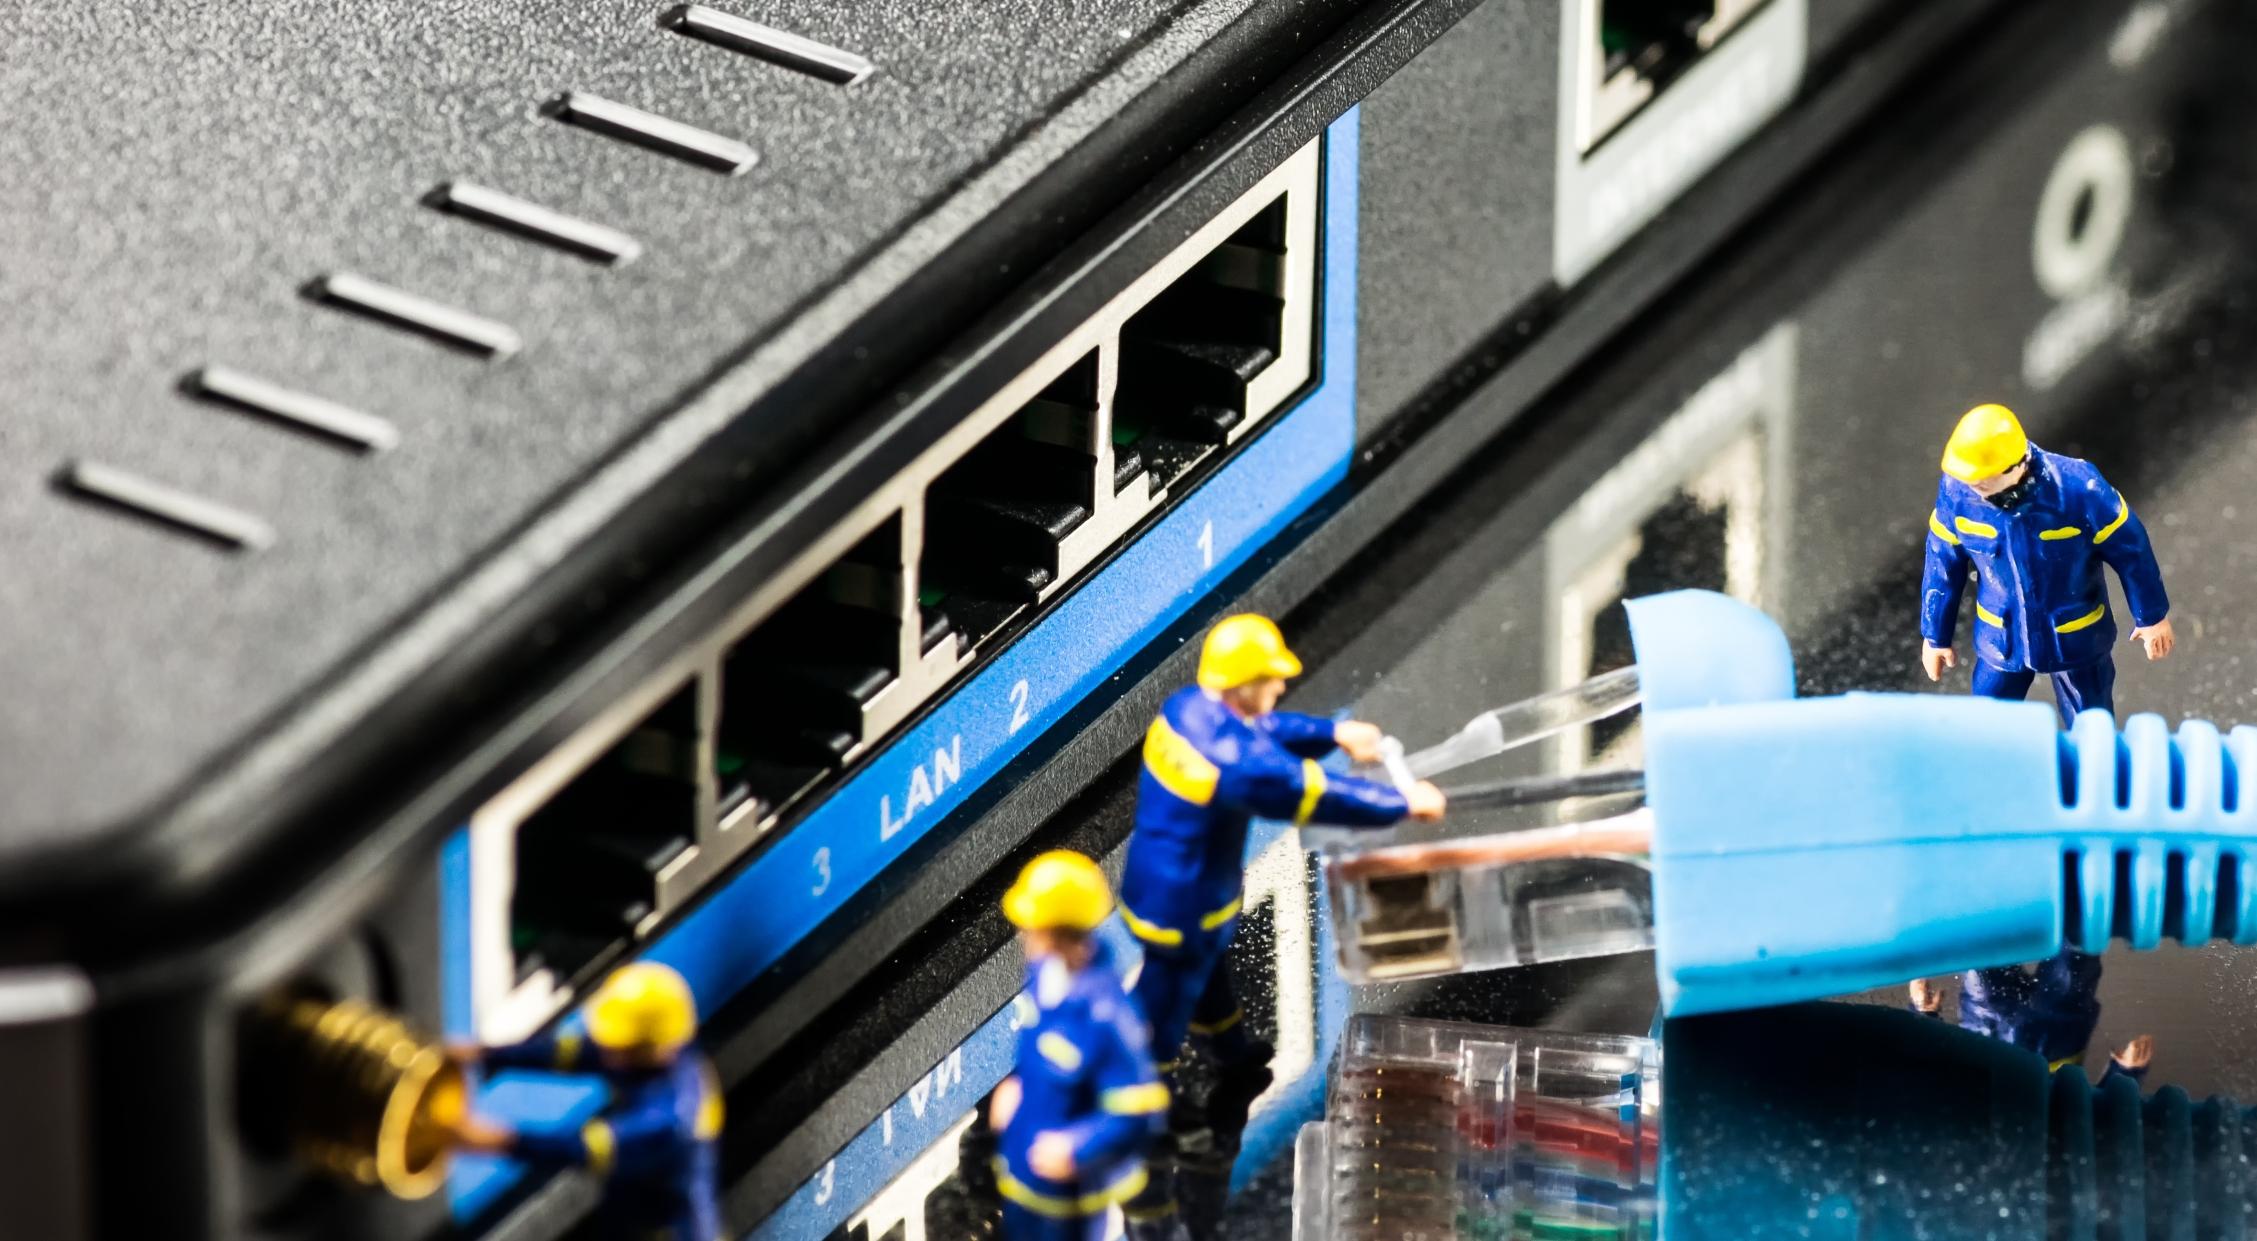 Roteador 4G: Qual é o melhor de 2020?